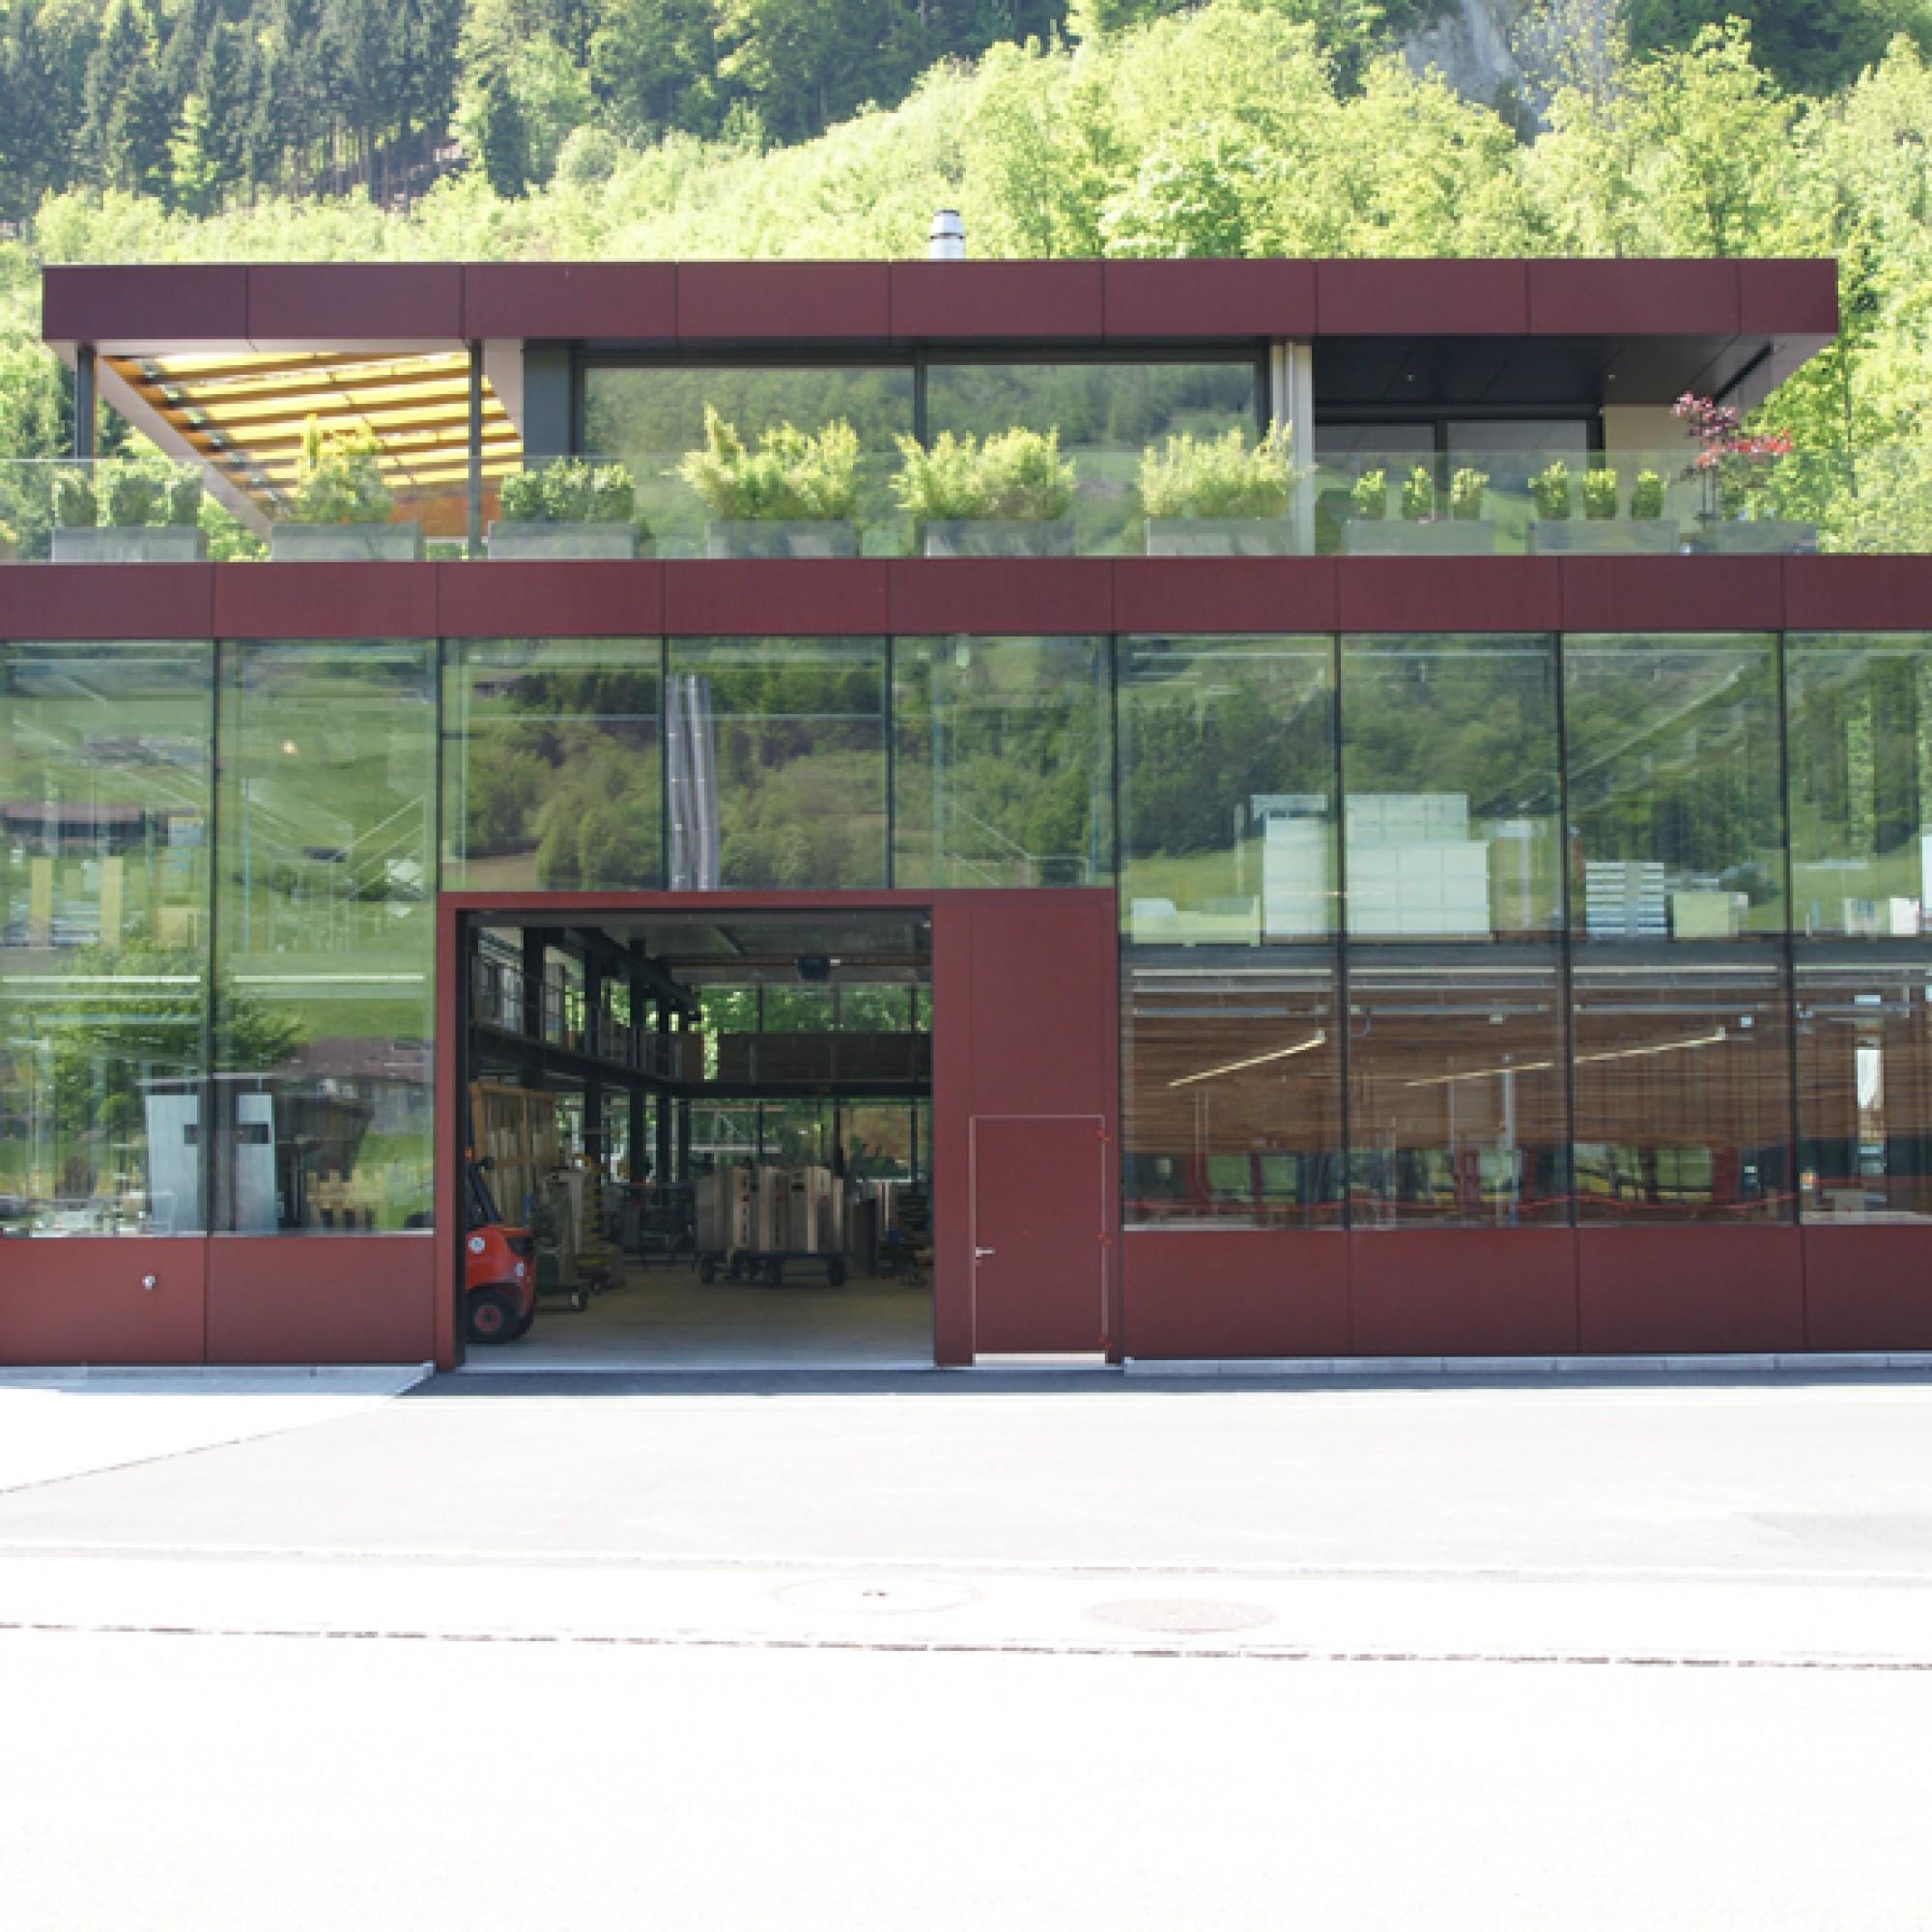 Wohn- und Geschäftshaus, Dallenwil; Architekten:  Niederberger Architekten, Hergiswil. (zvg)